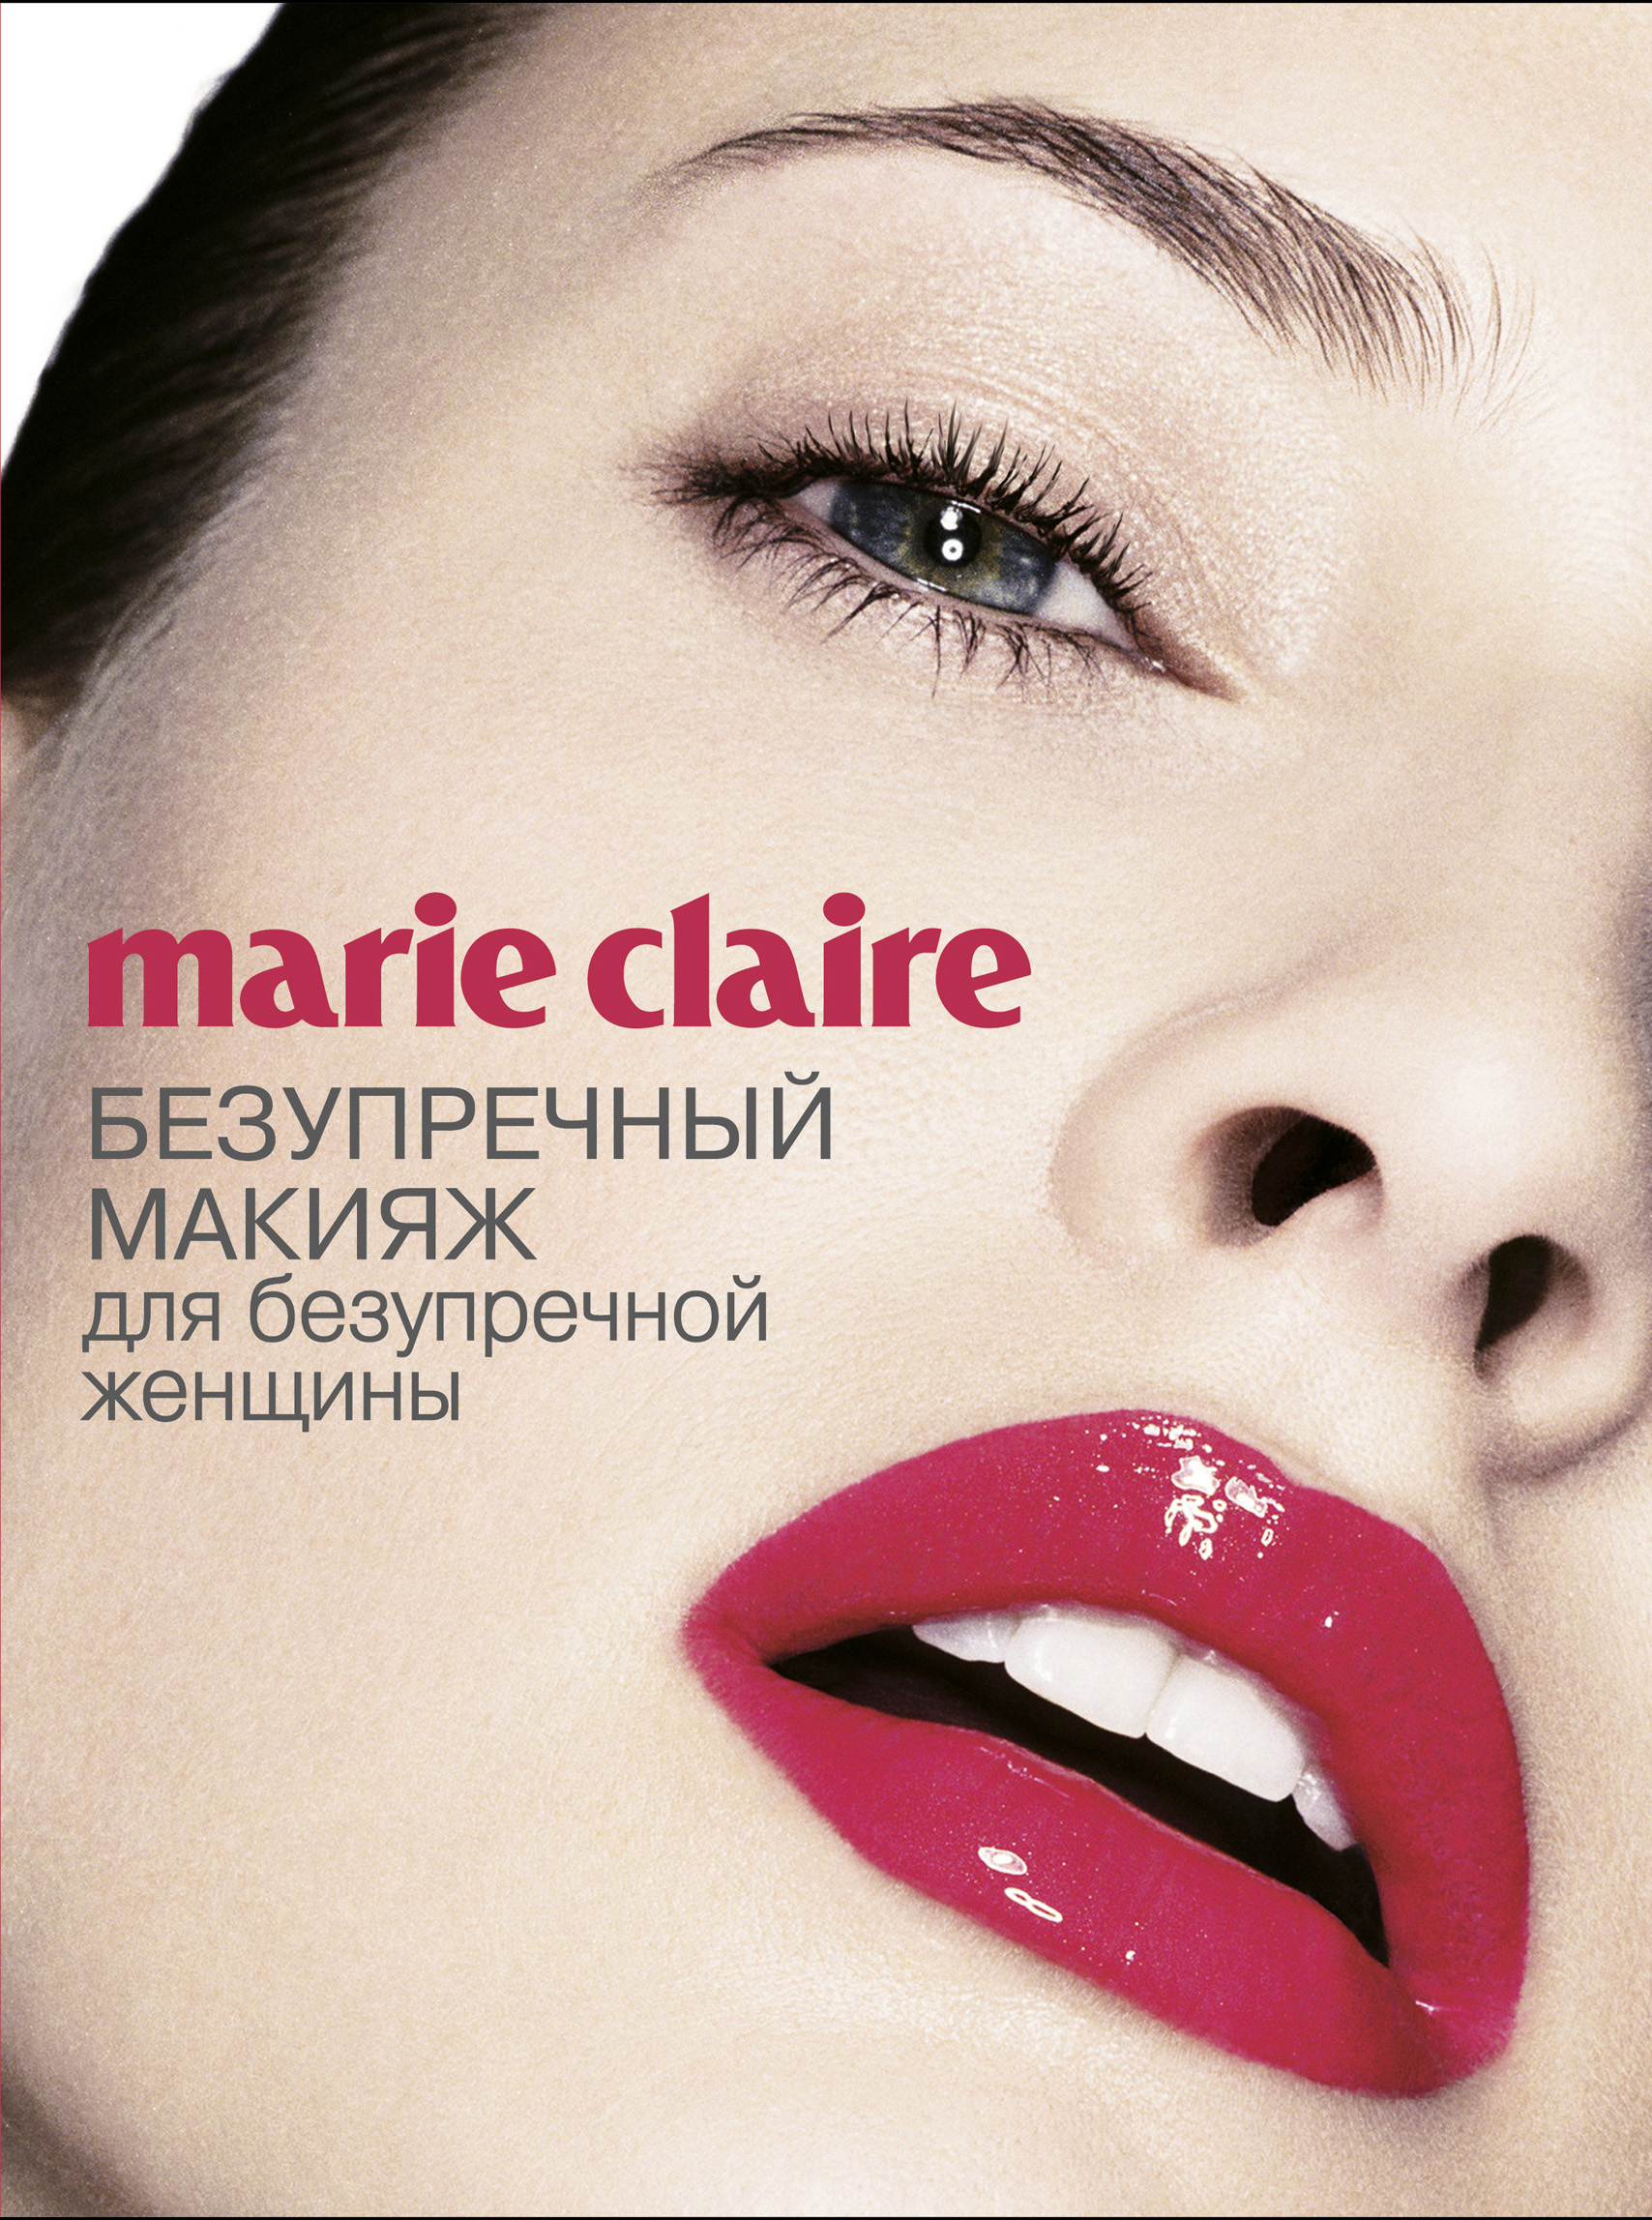 Marie Claire Marie Claire. Безупречный макияж для безупречной женщины (Секреты модного стиля от успешных журналов (обложка)) ночная сорочка quelle marie claire 562361